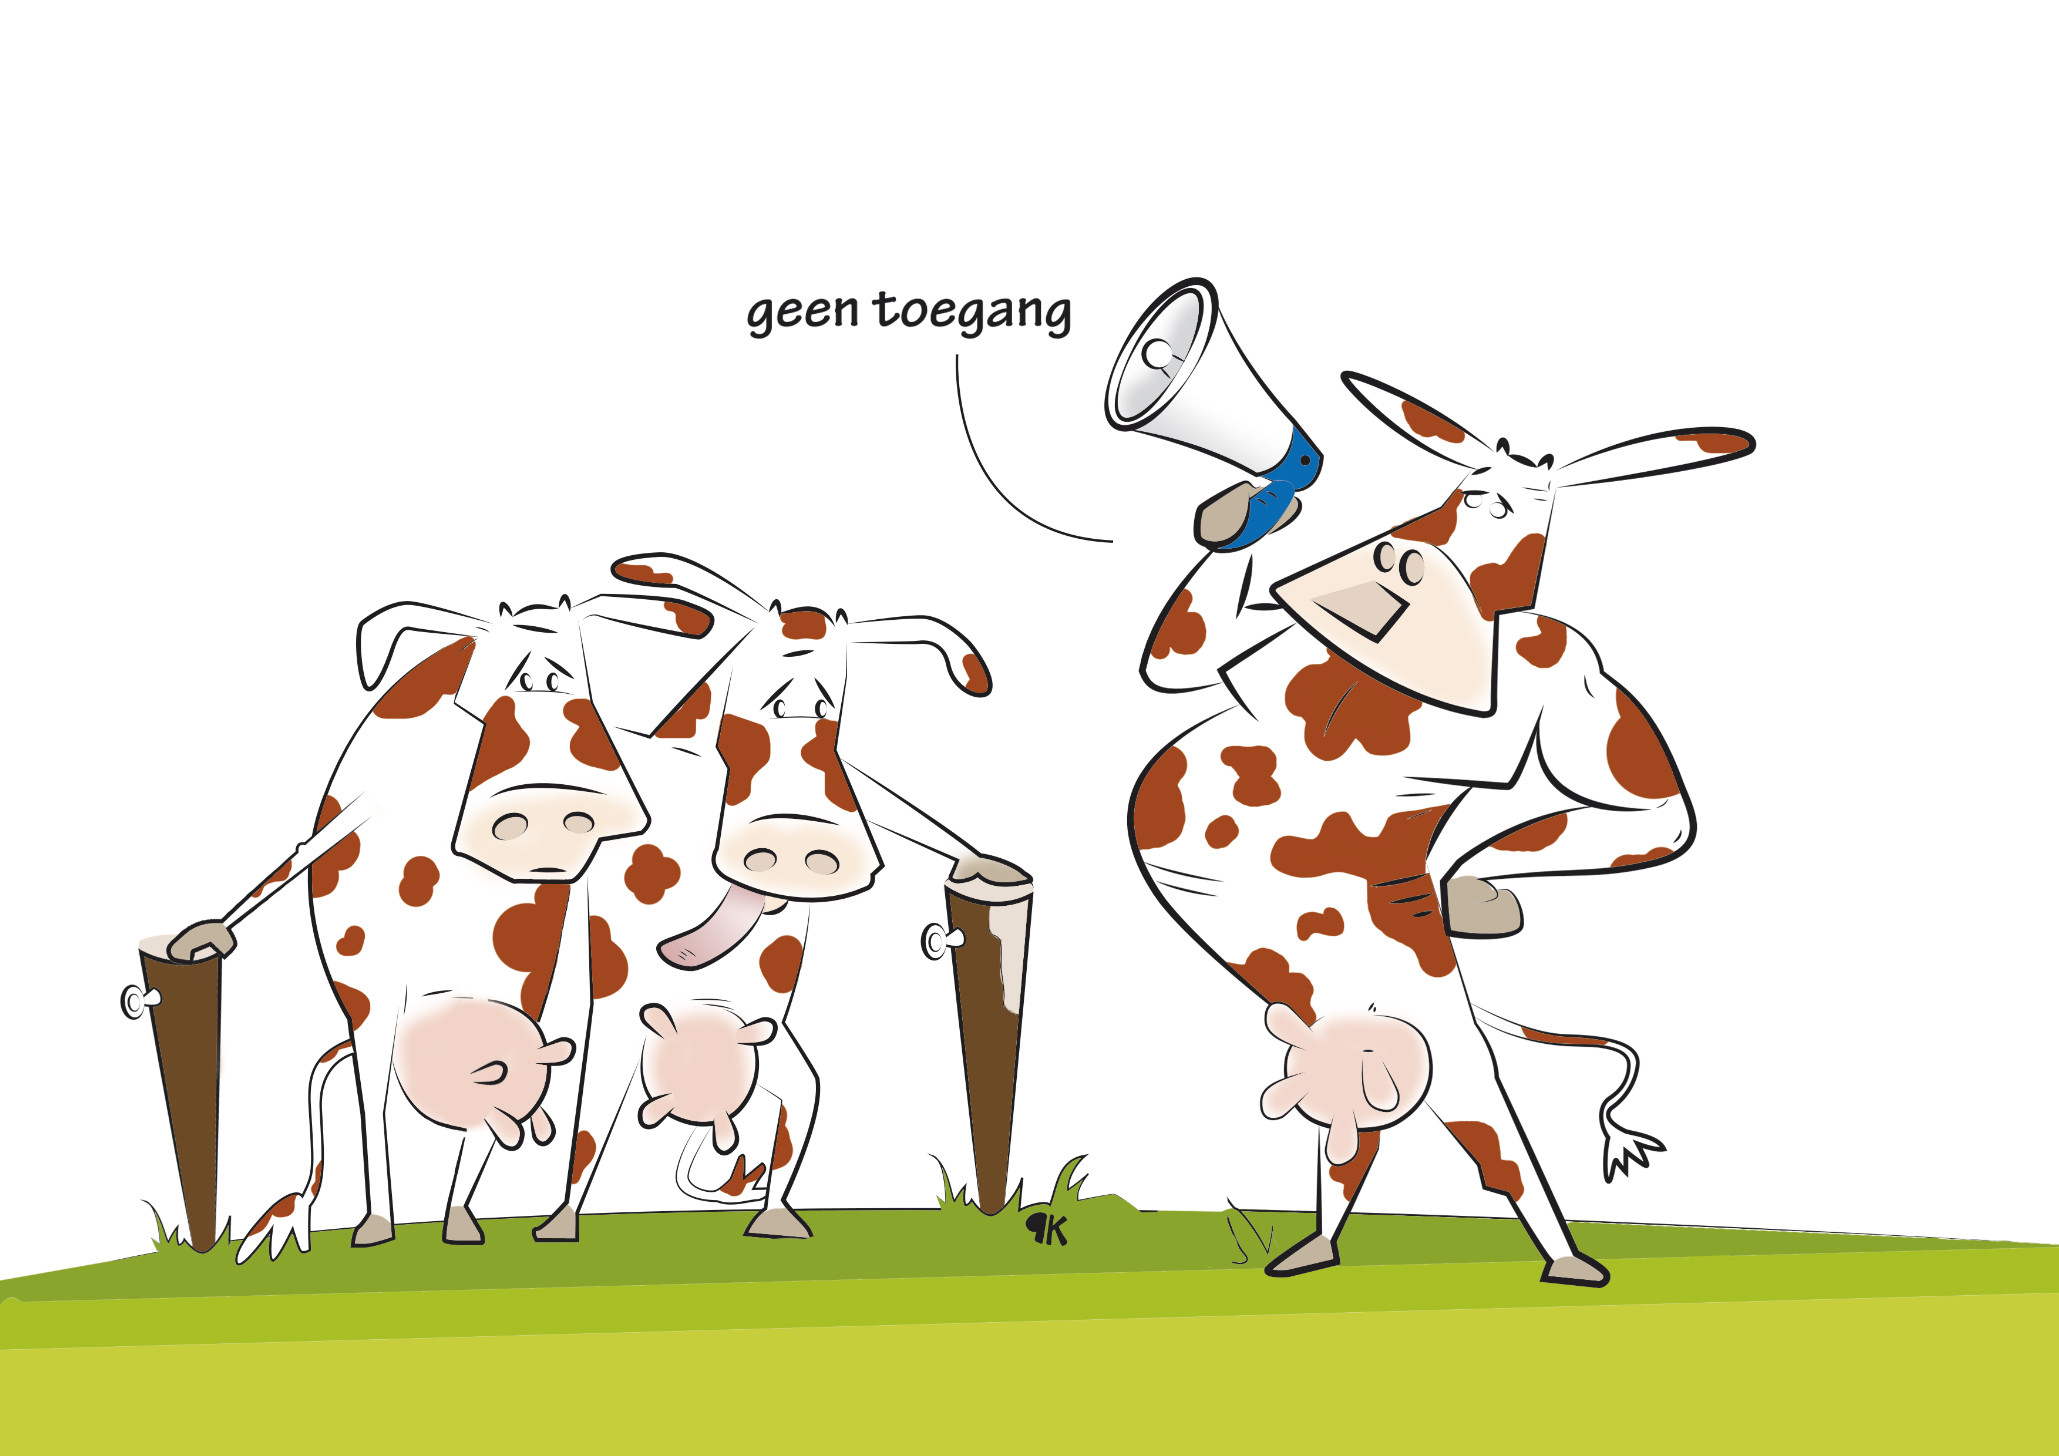 Weuthen wil groter marktaandeel in Nederlands aardappelland